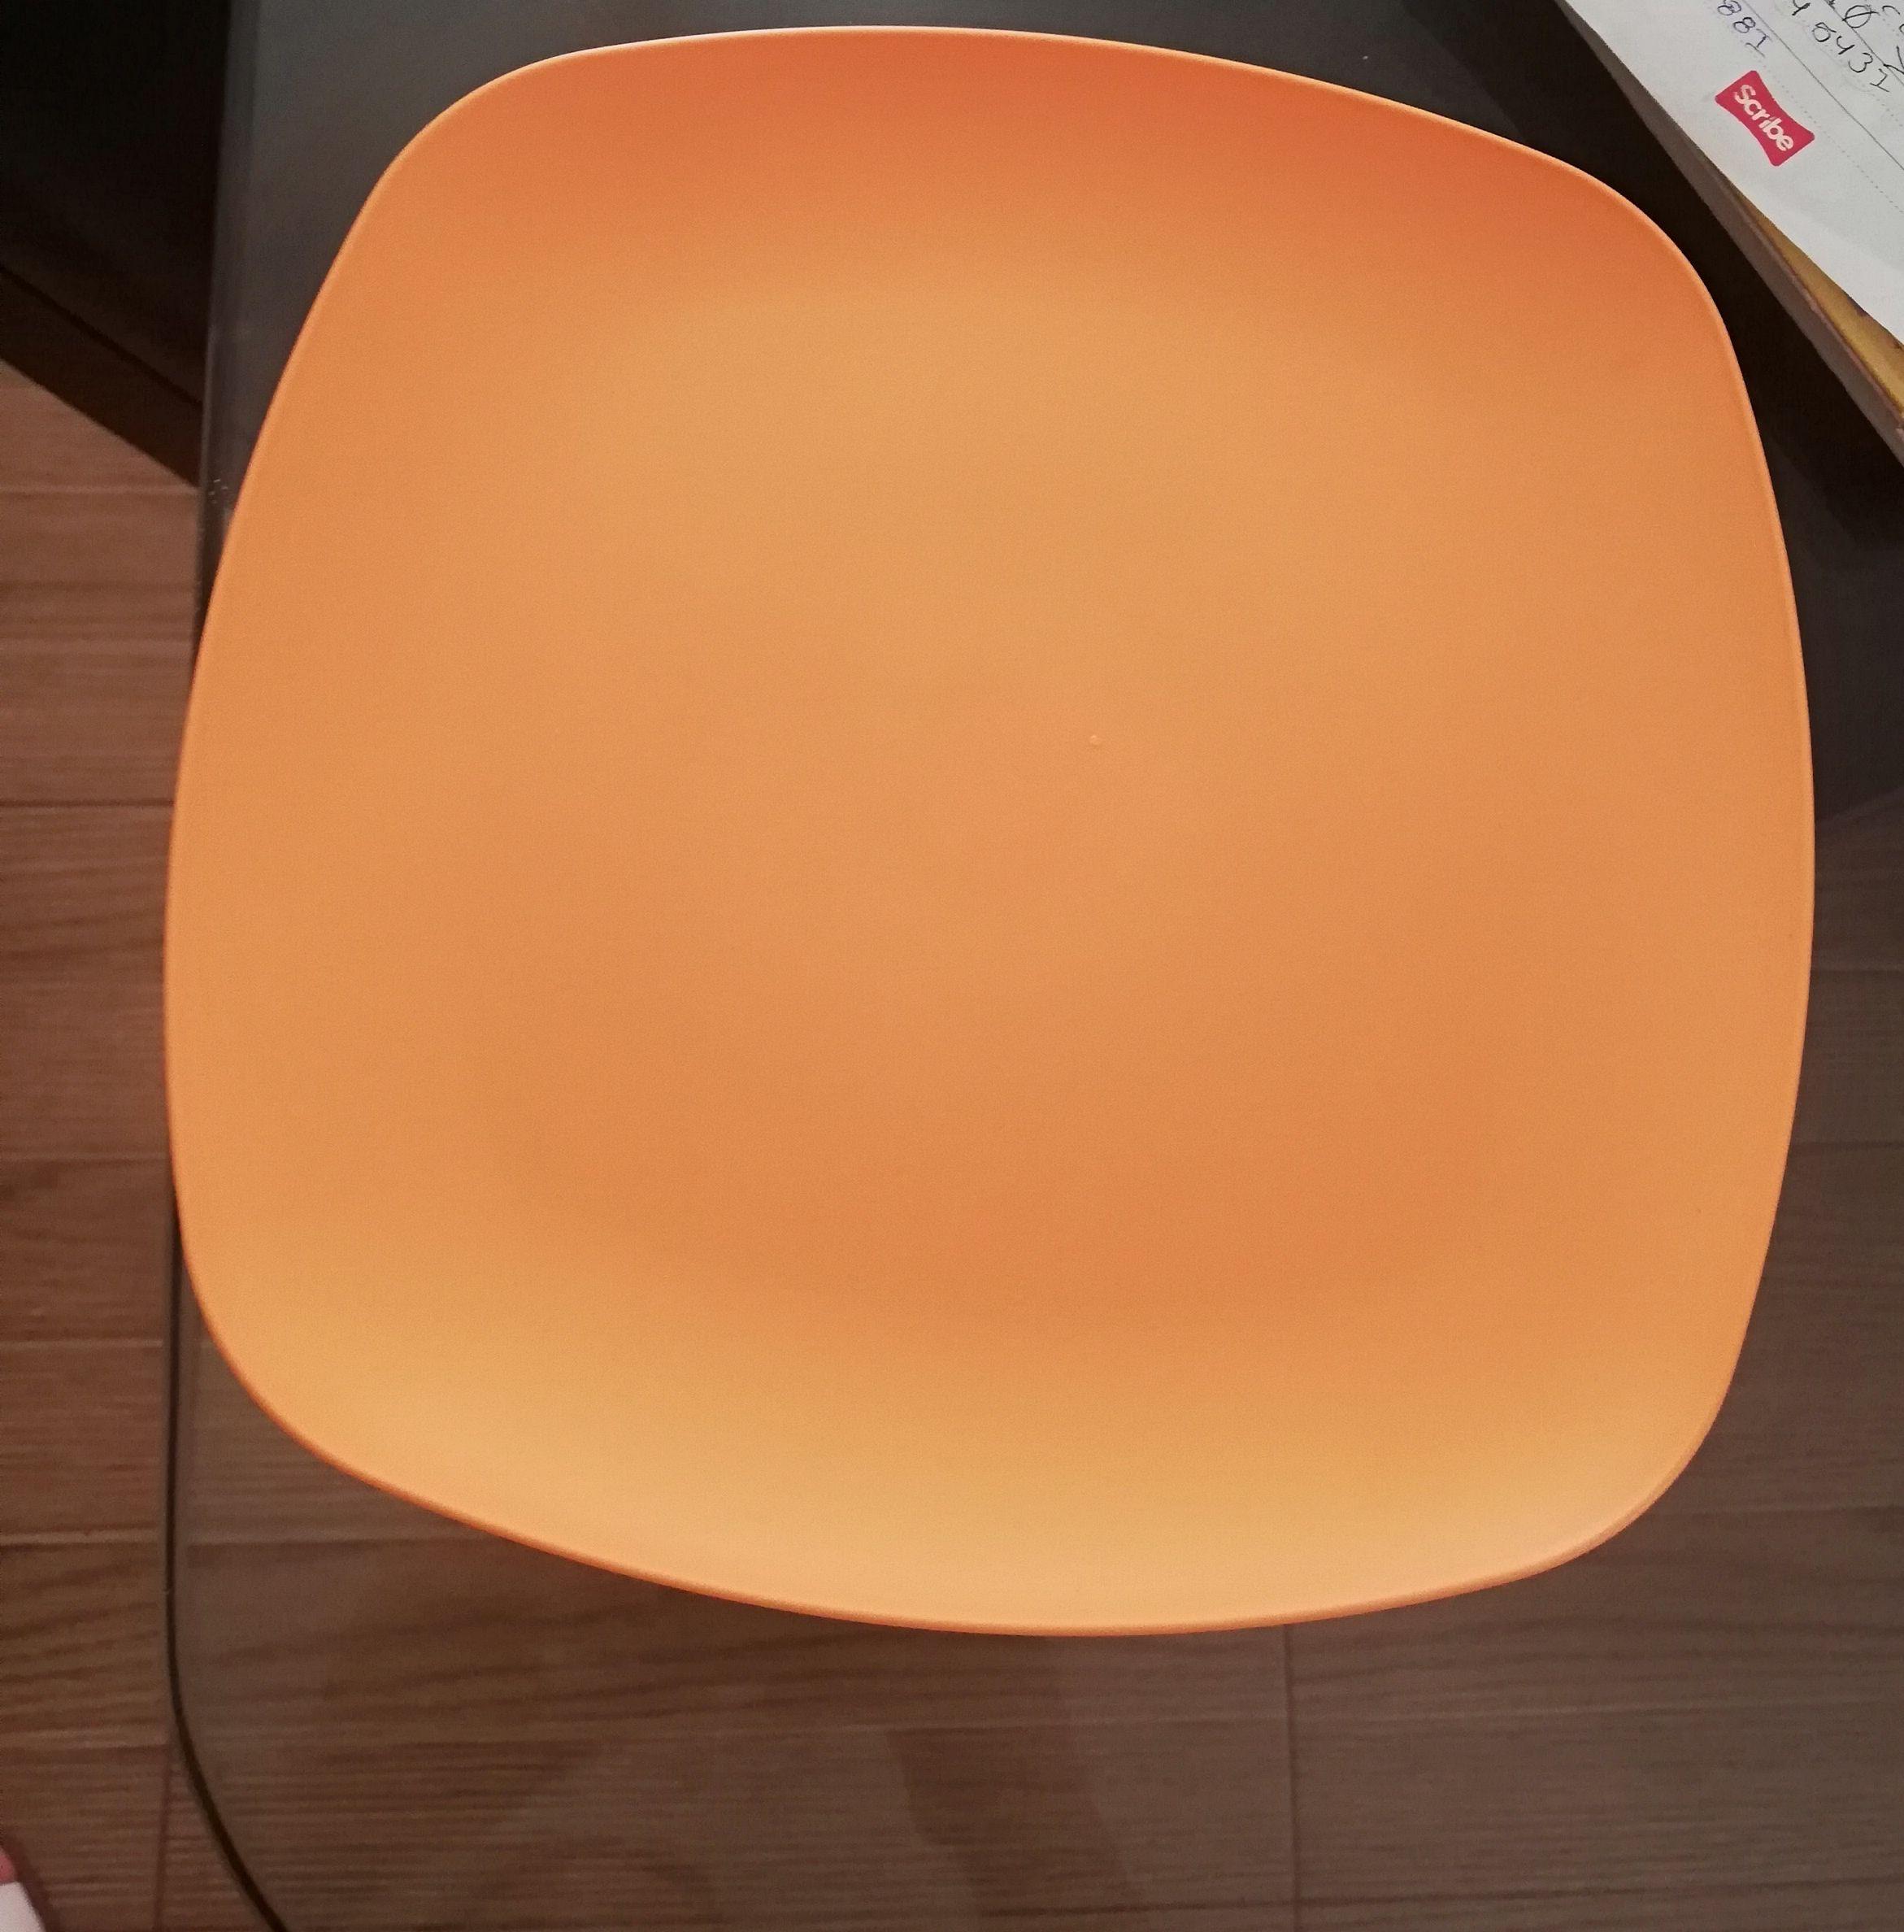 Bodega Aurrera : plato de plastico 28 cm aproximadamente